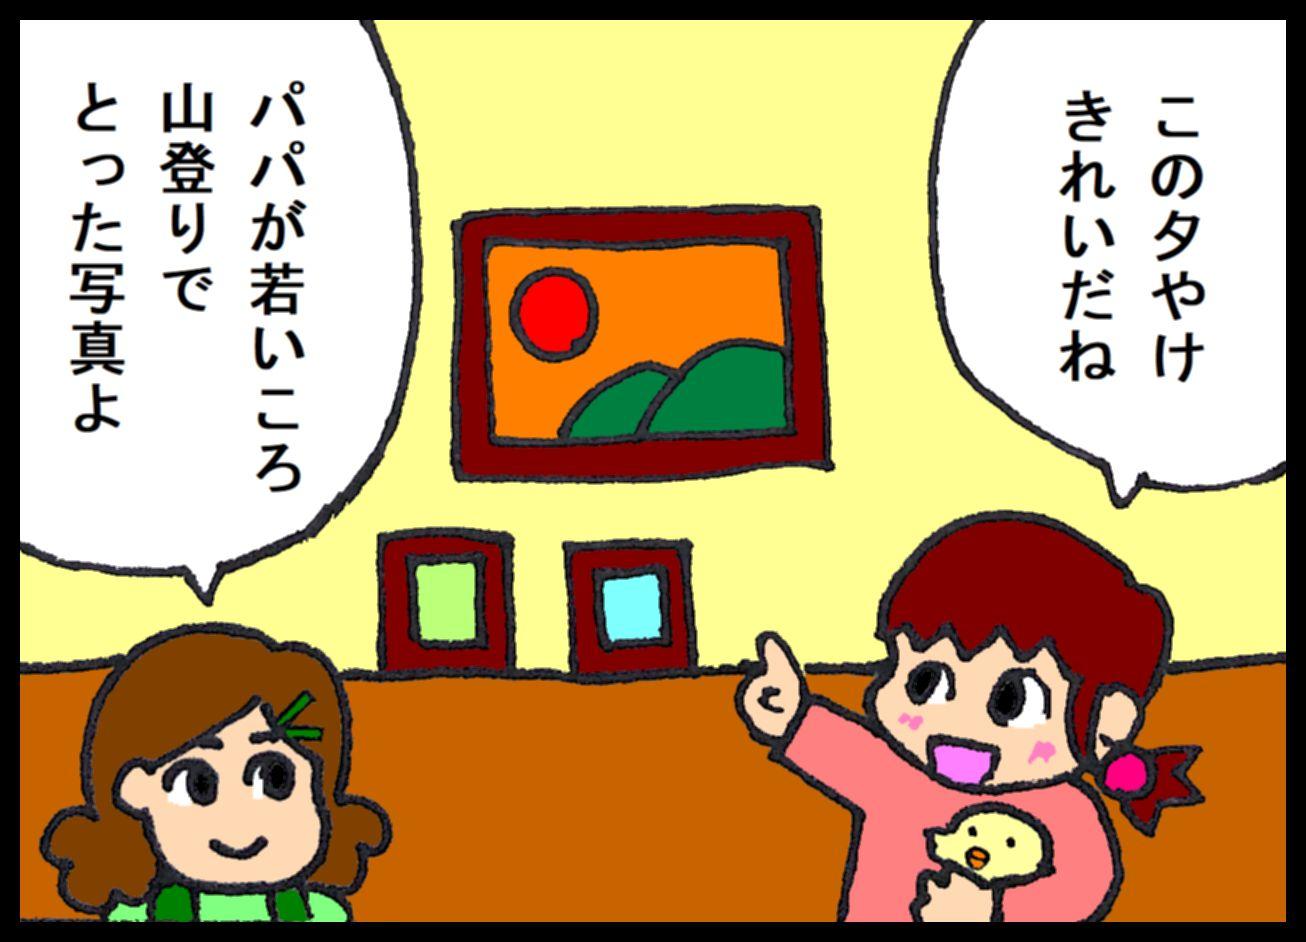 『夕やけちょこ』その49「写真」 (1)